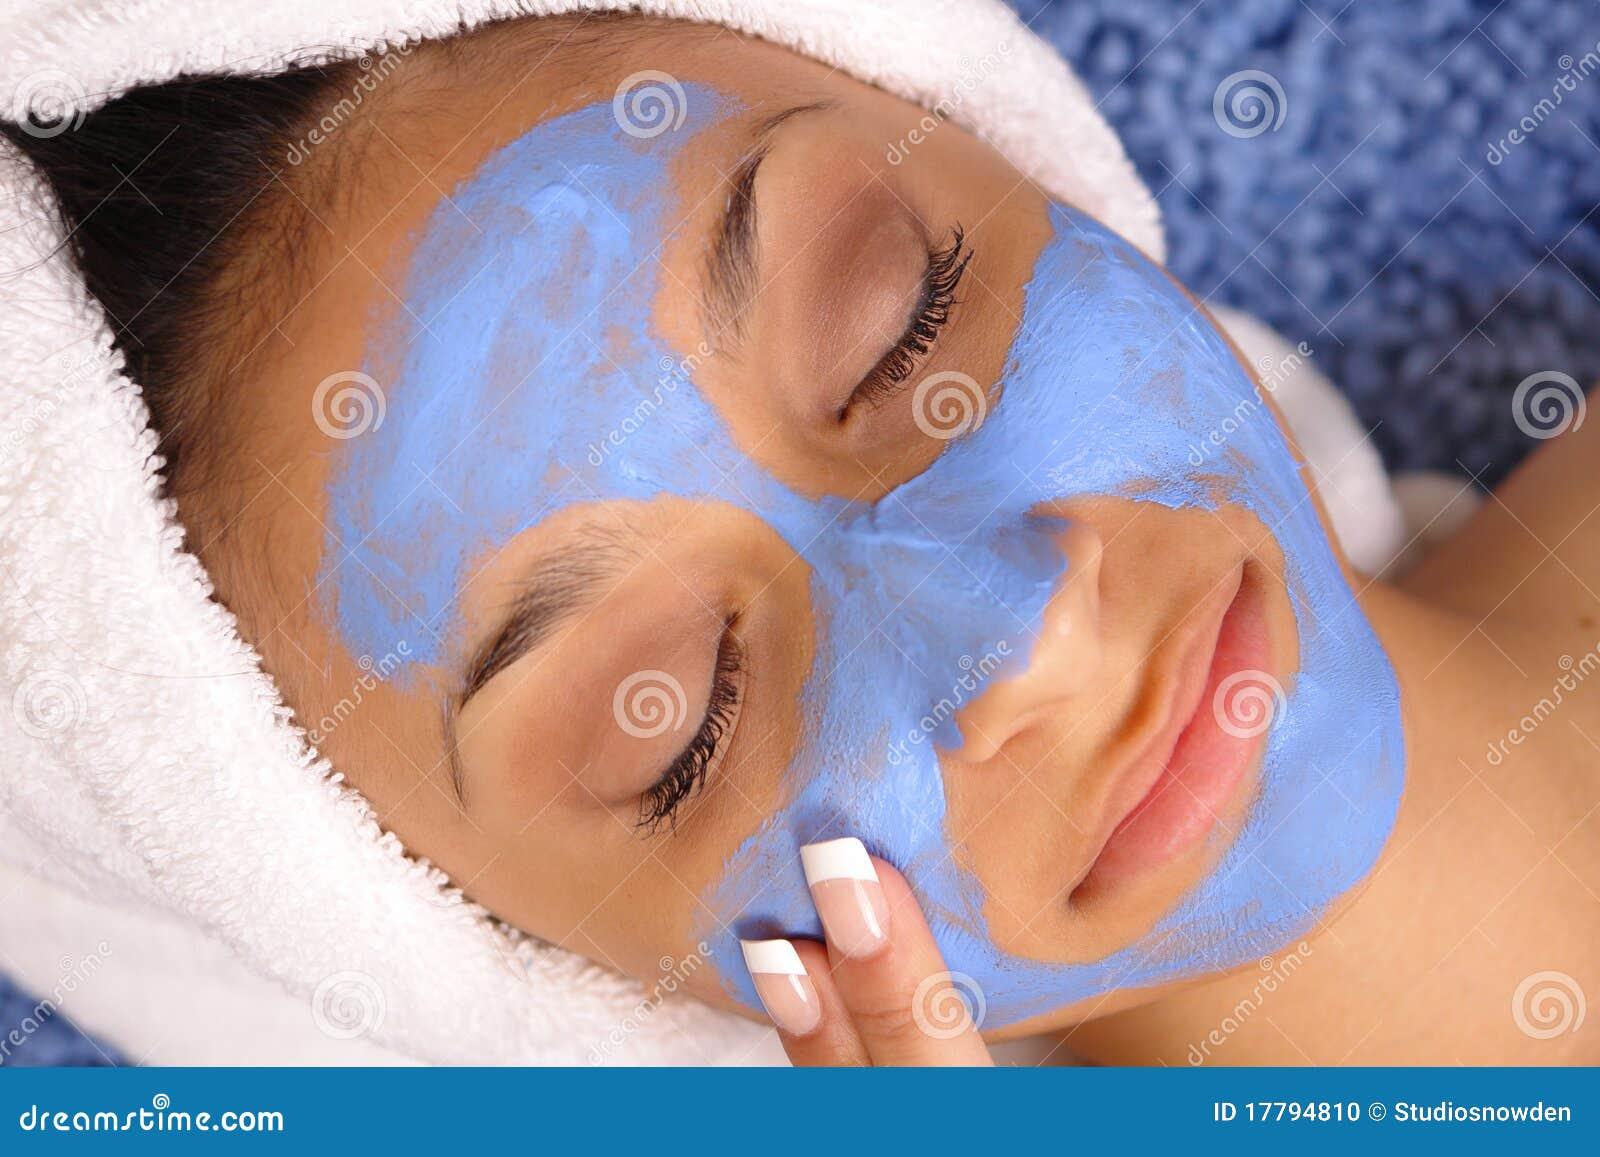 Blue spa facial